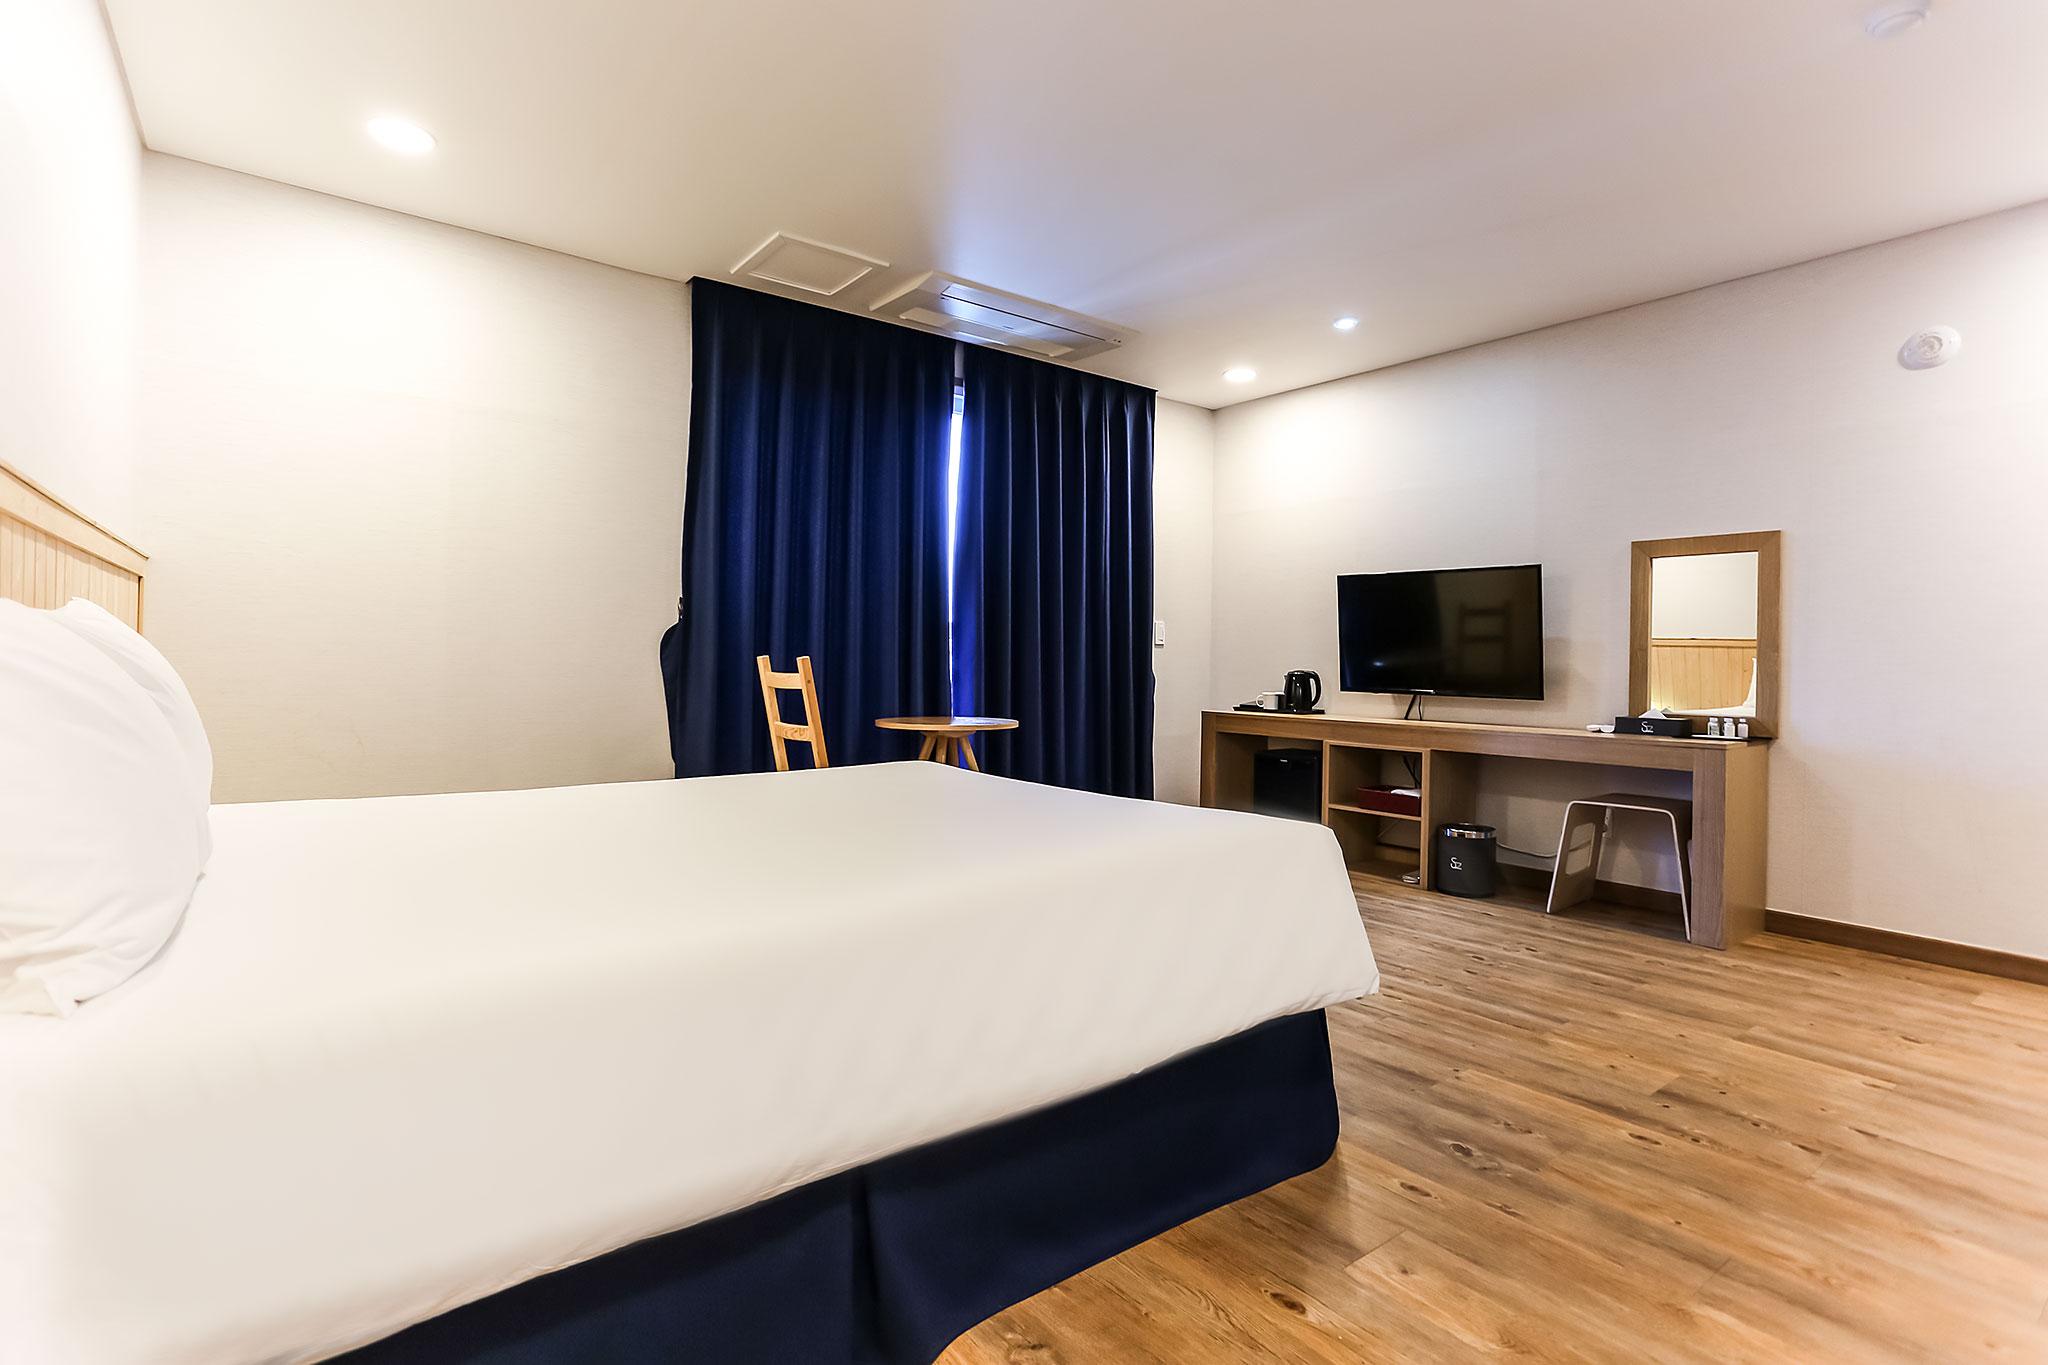 서귀포 호텔 52 썸네일3